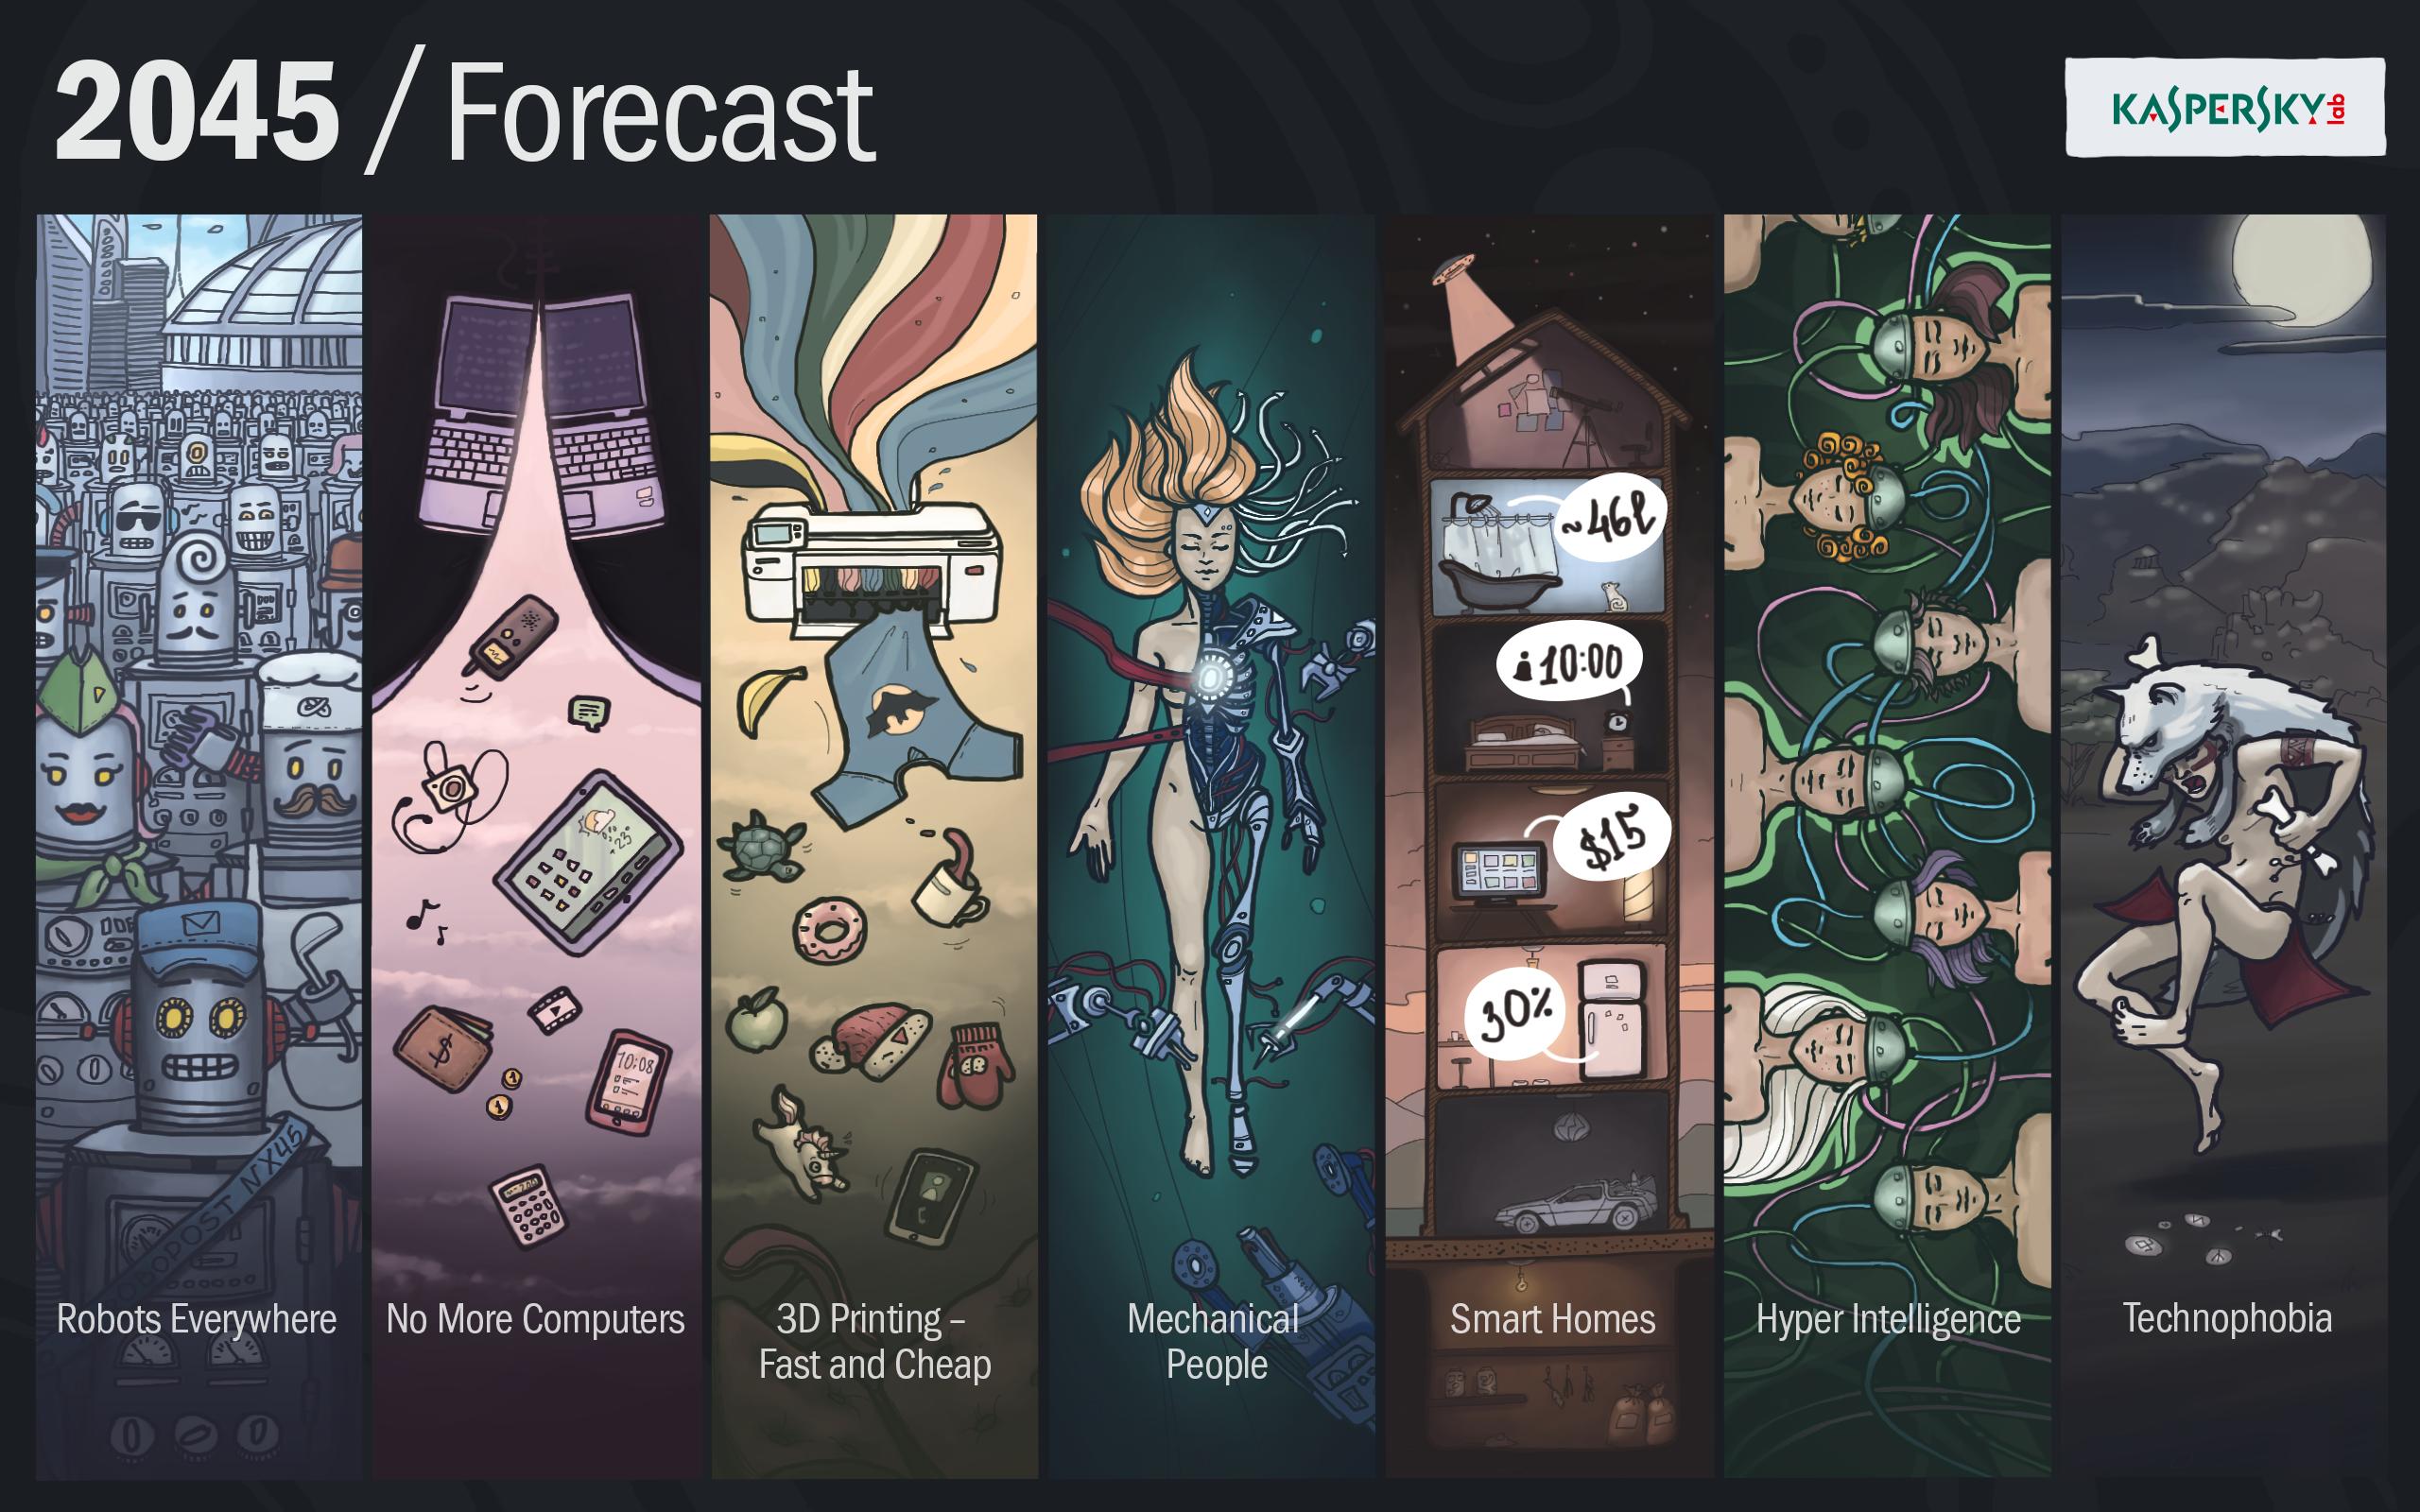 KL_2045 Forecast